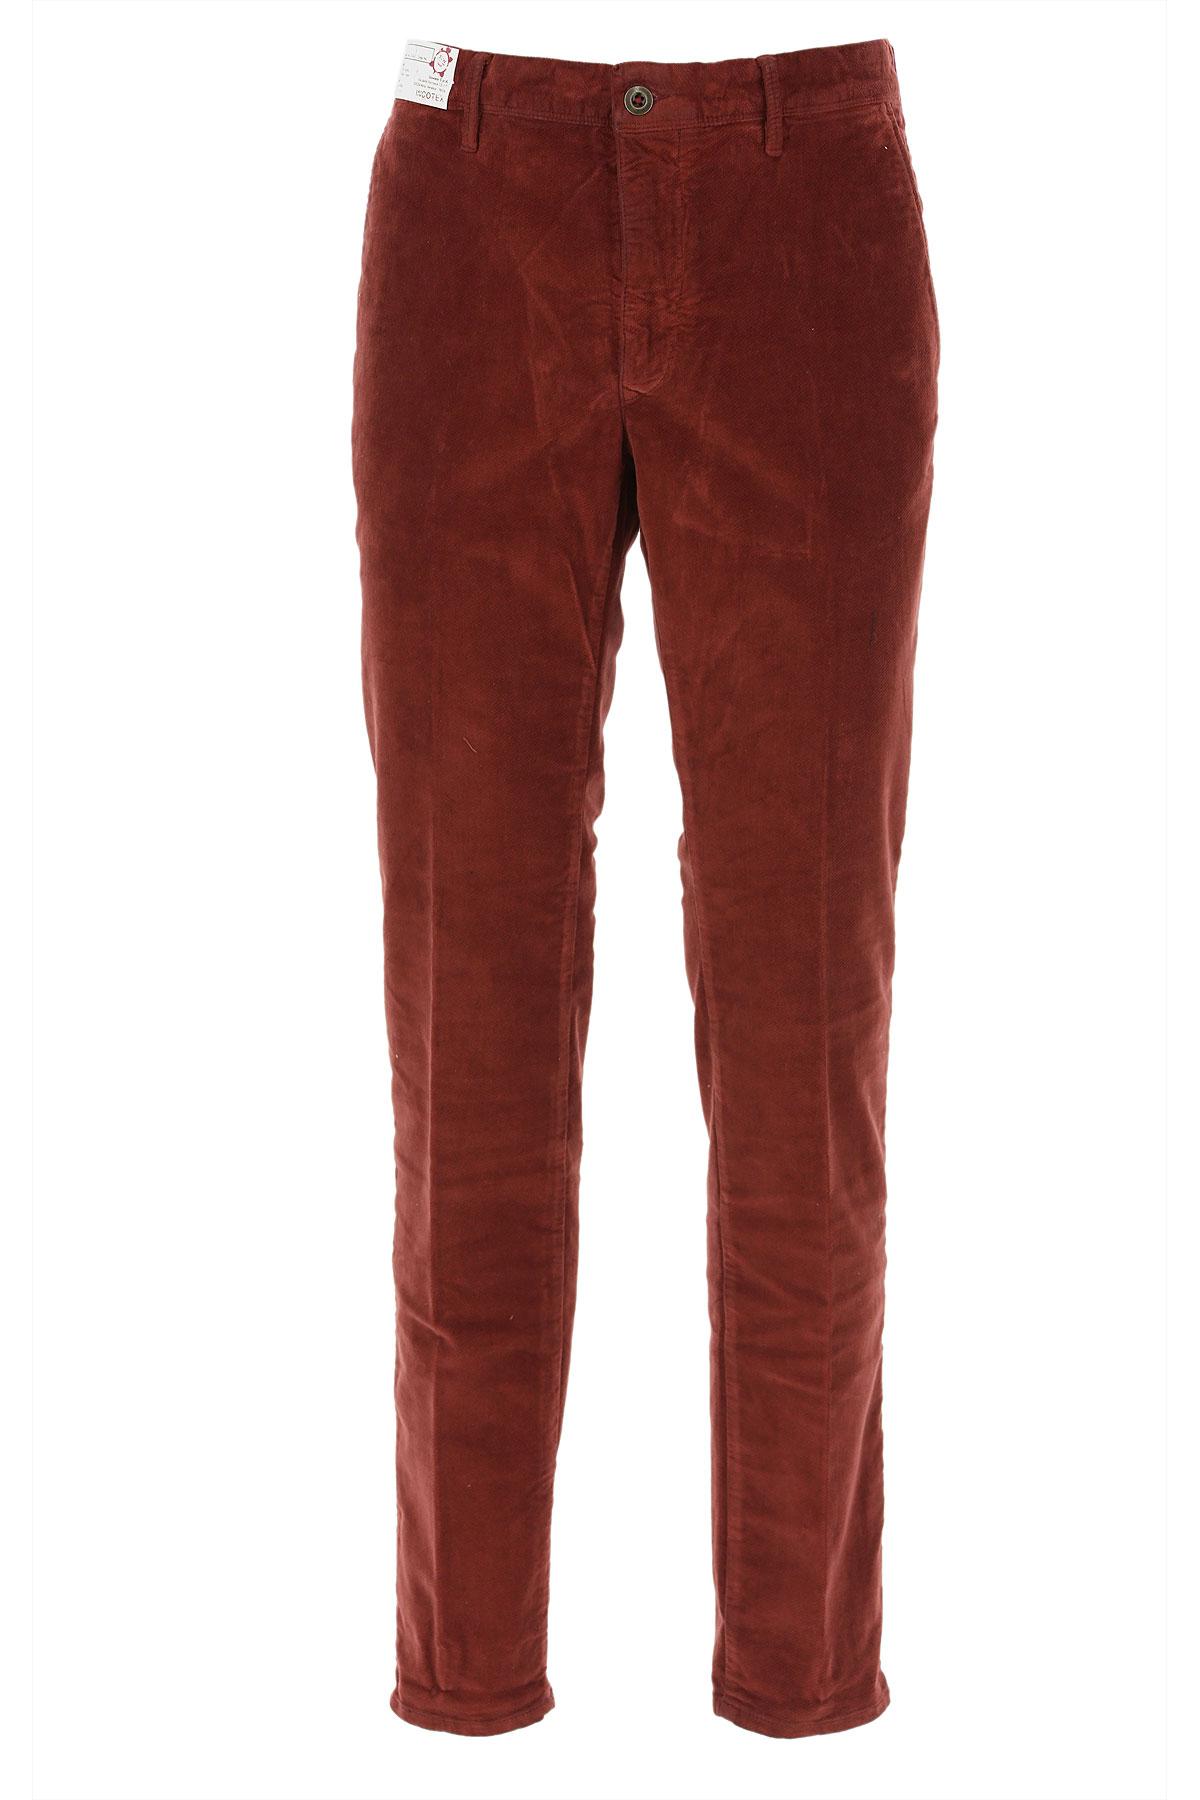 Incotex Pants for Men On Sale, Bordeaux Red, Cotton, 2019, 32 33 34 35 36